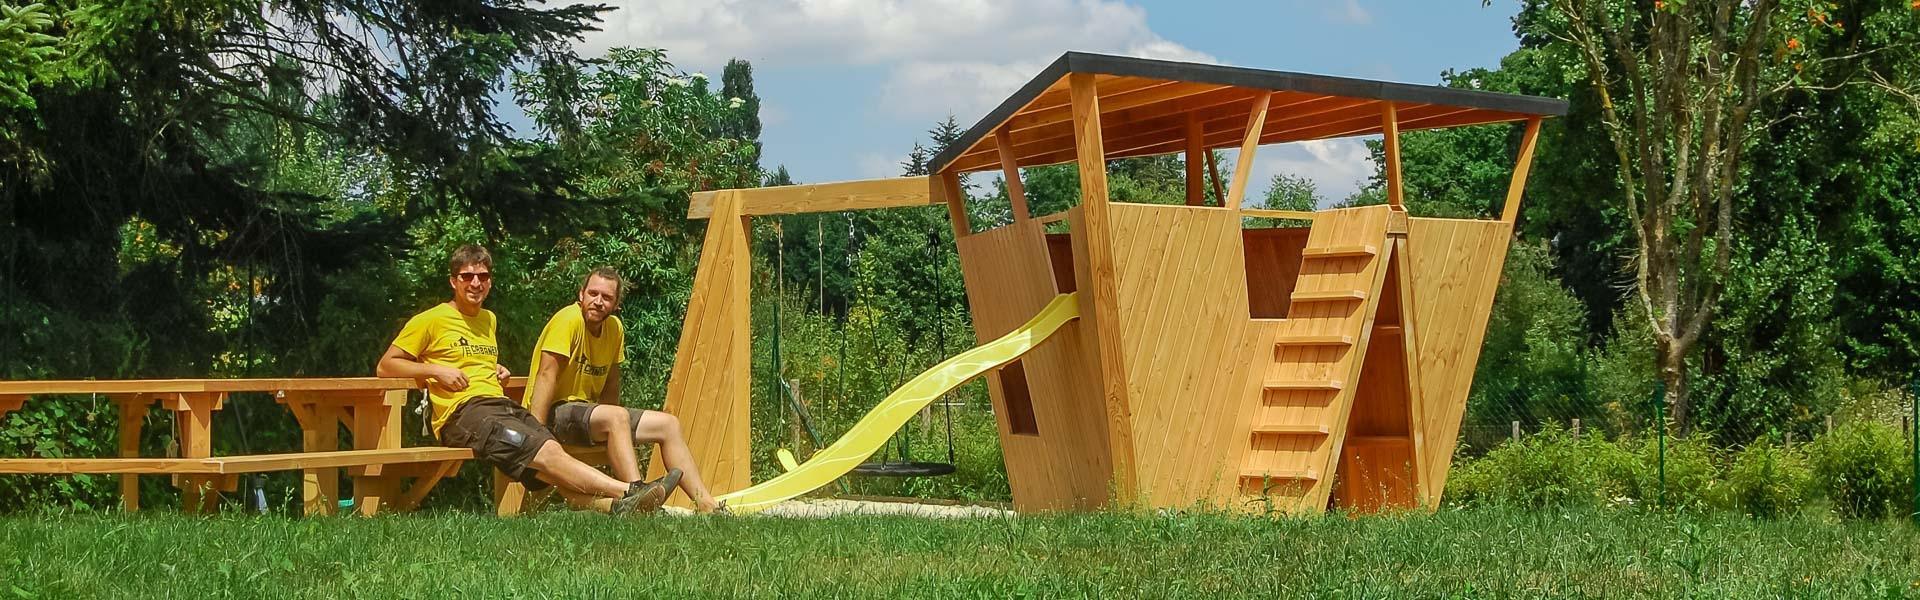 La Cabanerie ⋆ Structures Bois Sur Mesure concernant Maison De Jardin Pour Enfants